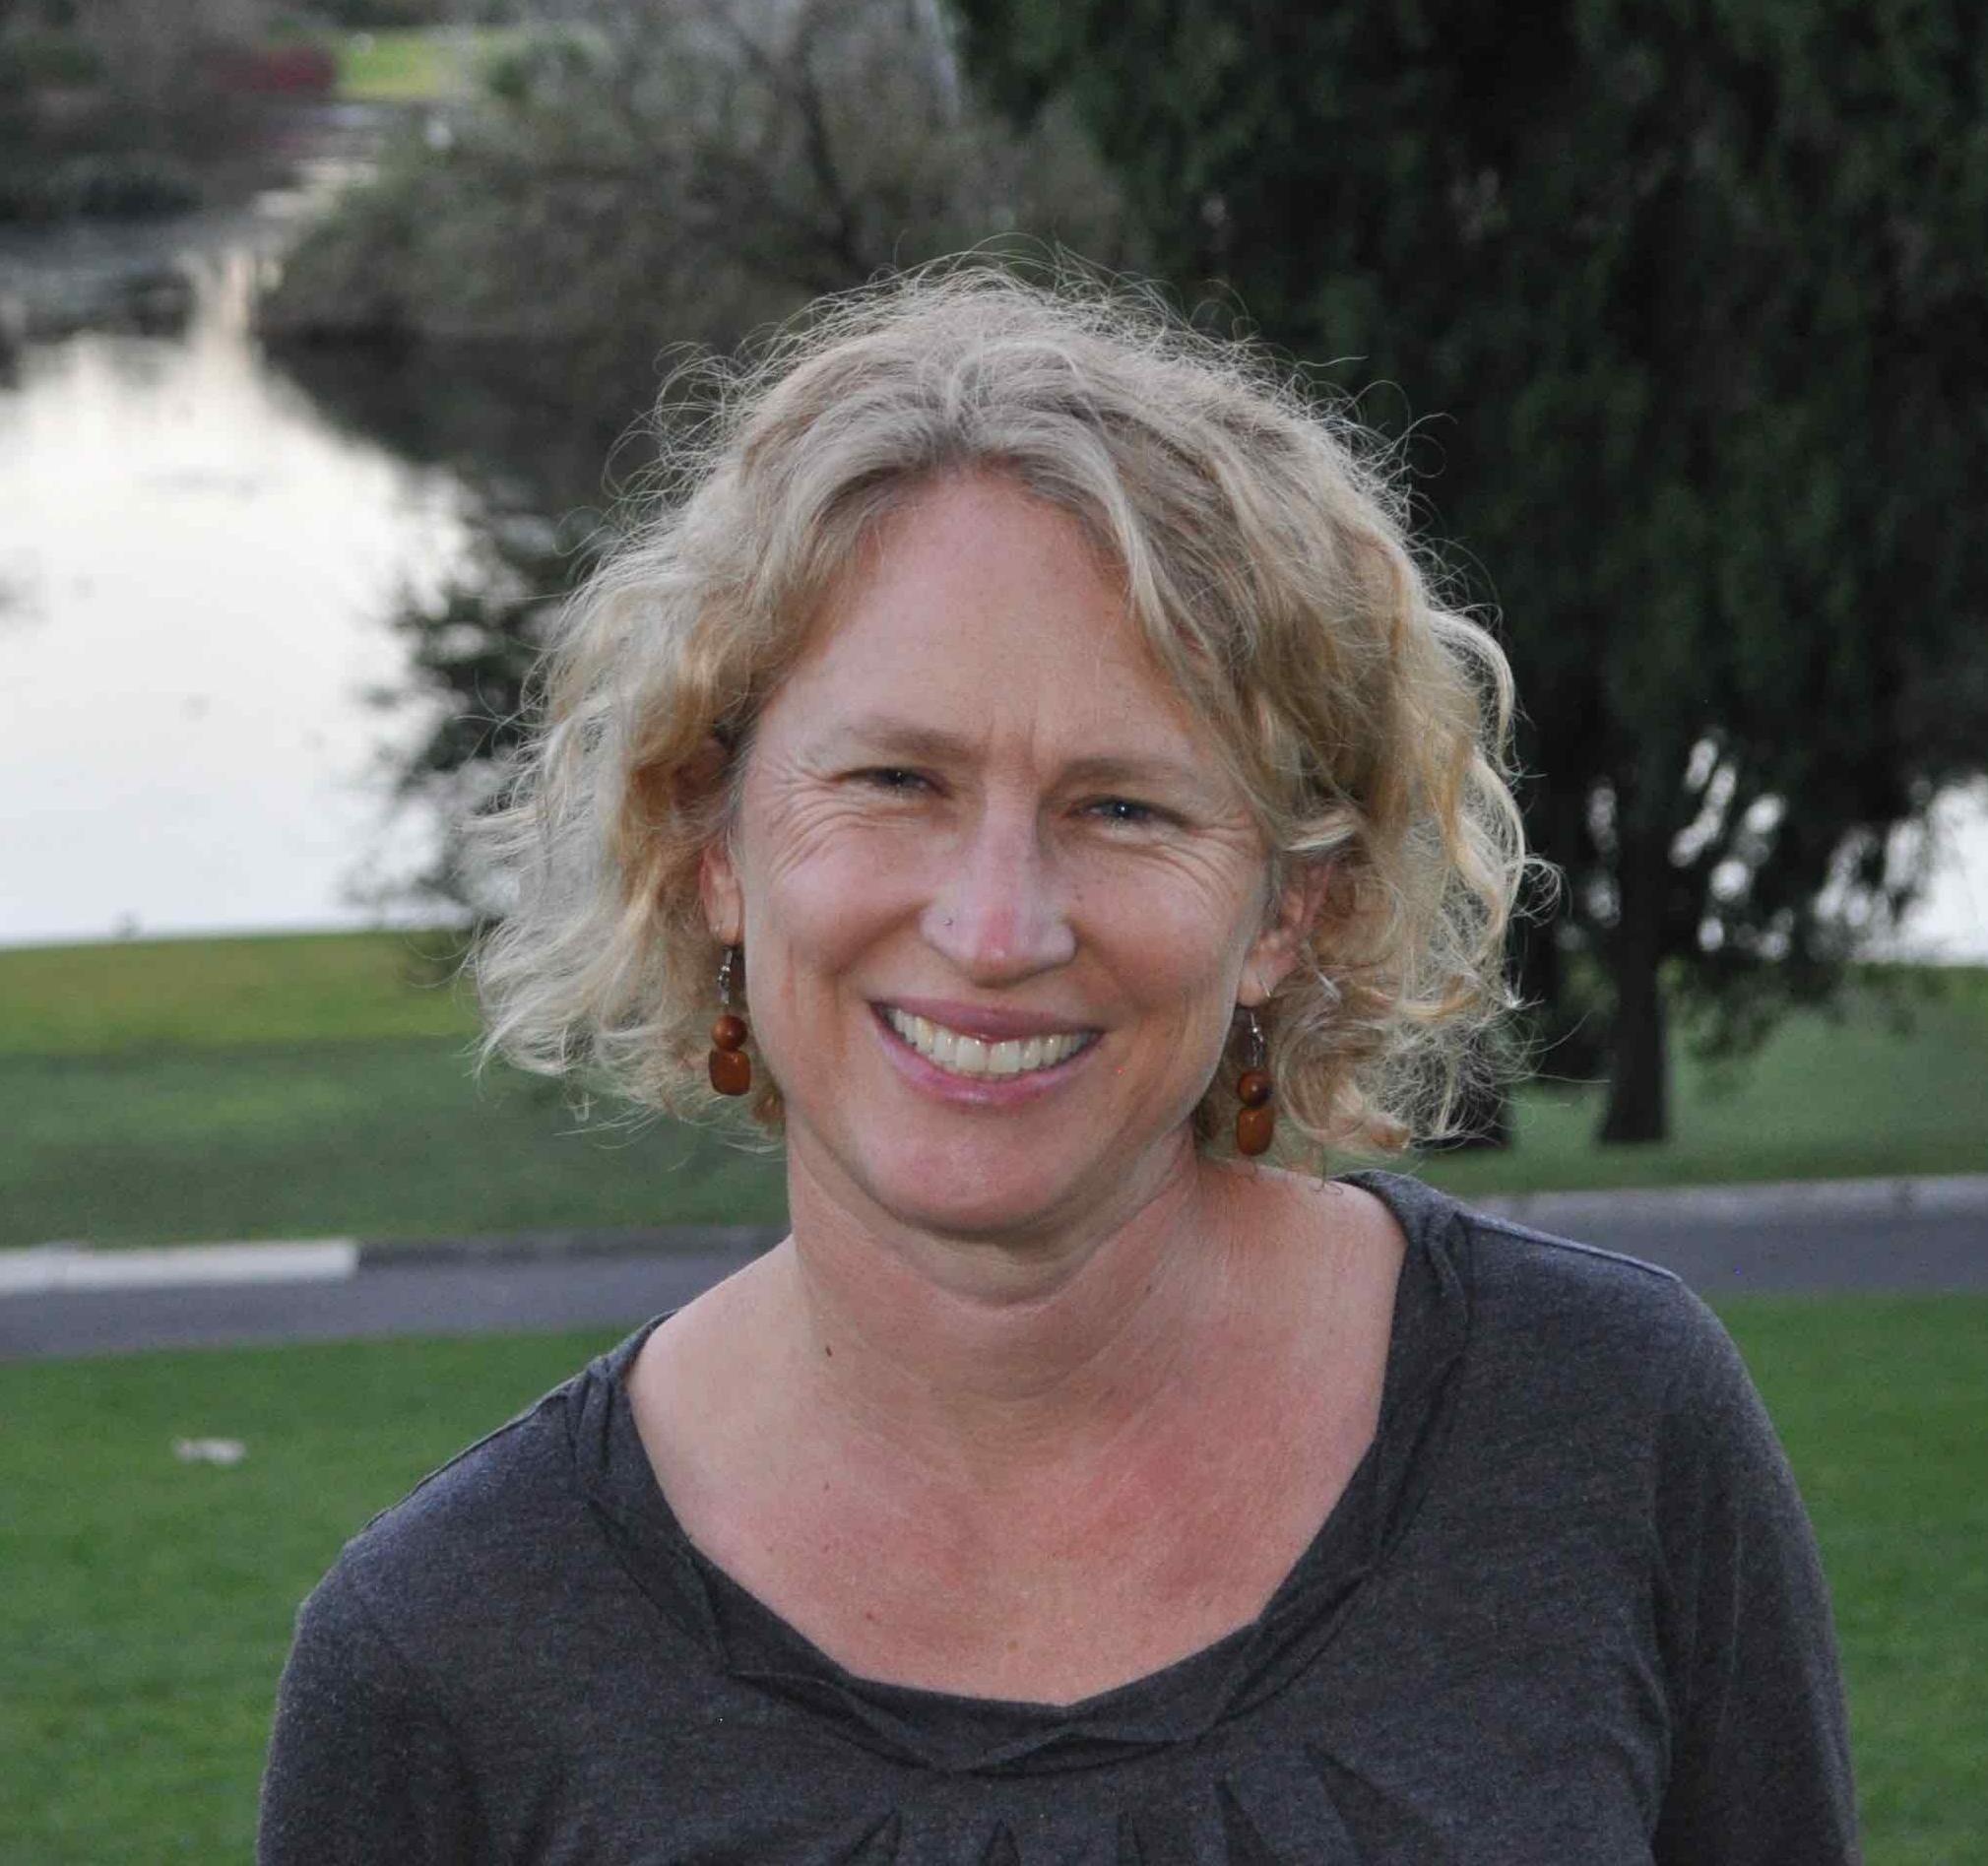 Monique Kolster